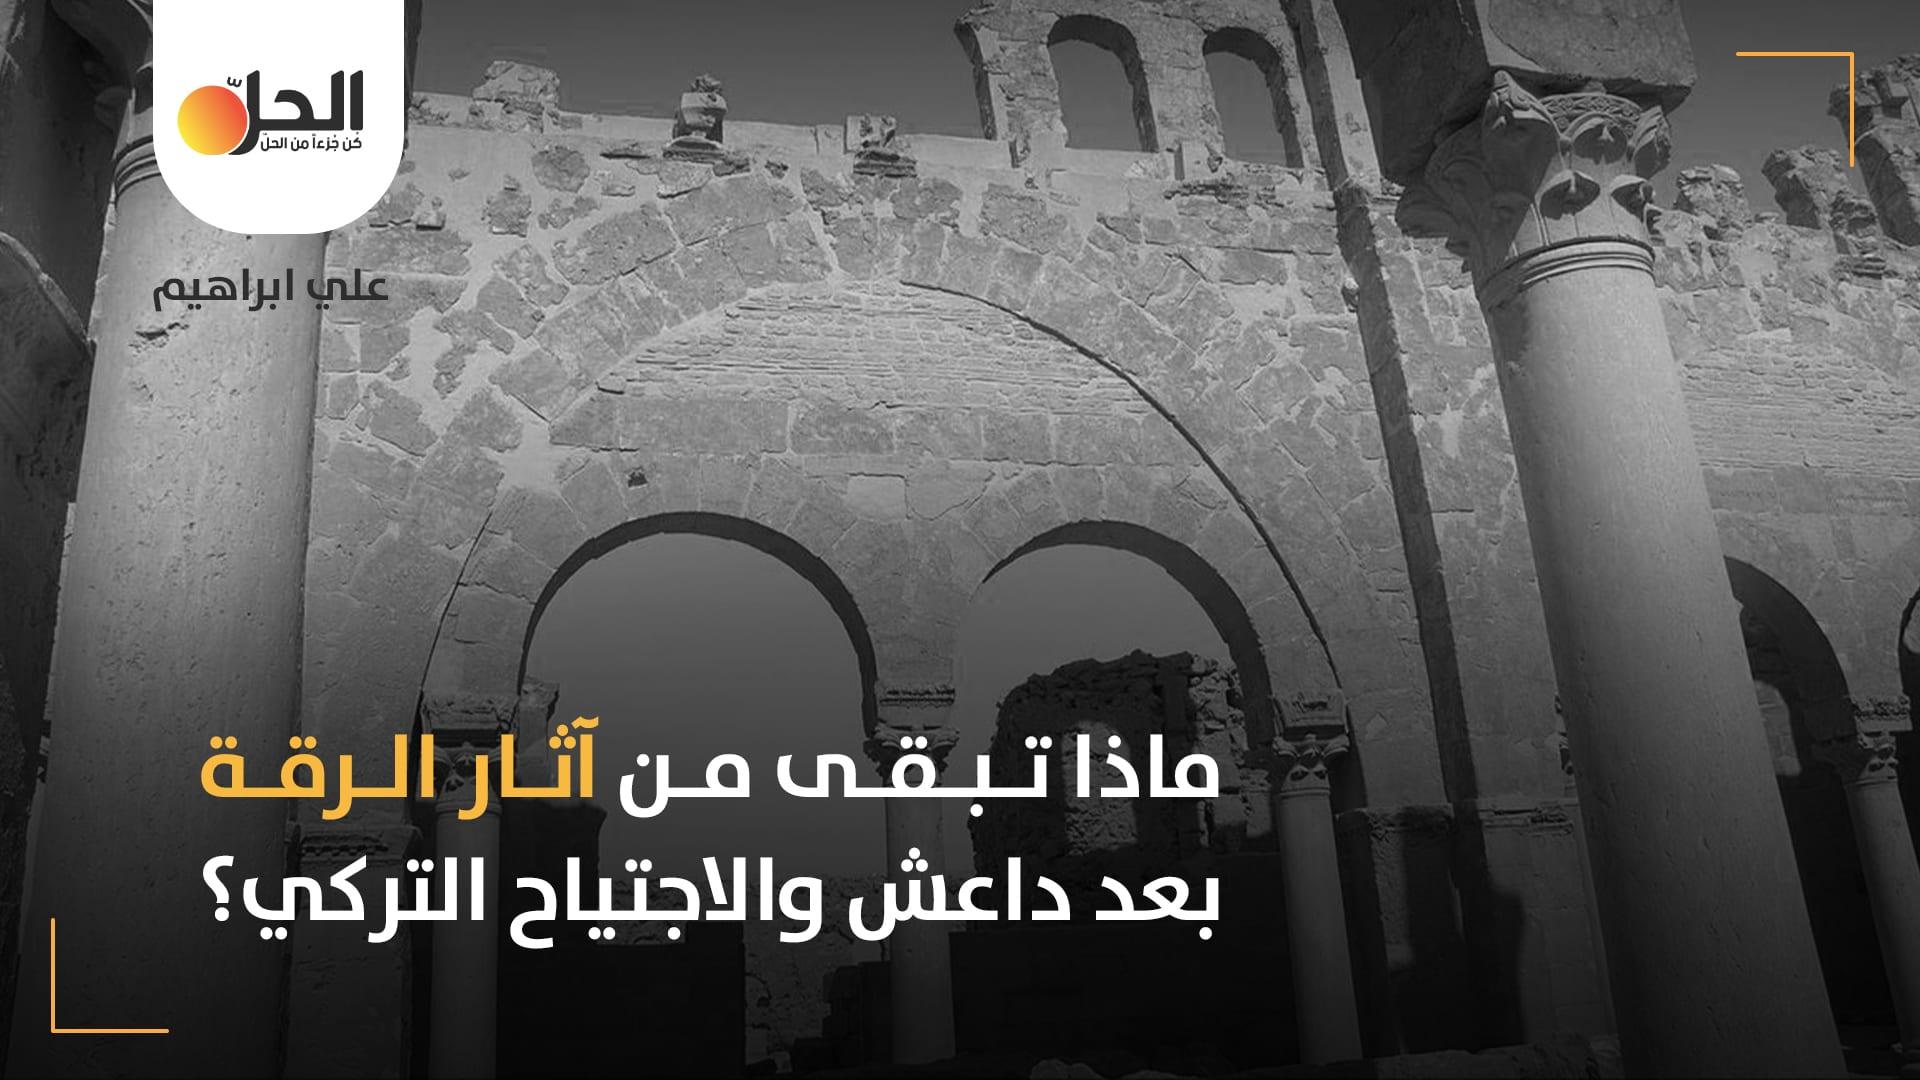 بعد نهاية حكم داعش: هل نجحت القوى المسيطرة على الرقة بالحفاظ على ما تبقى من آثارها؟